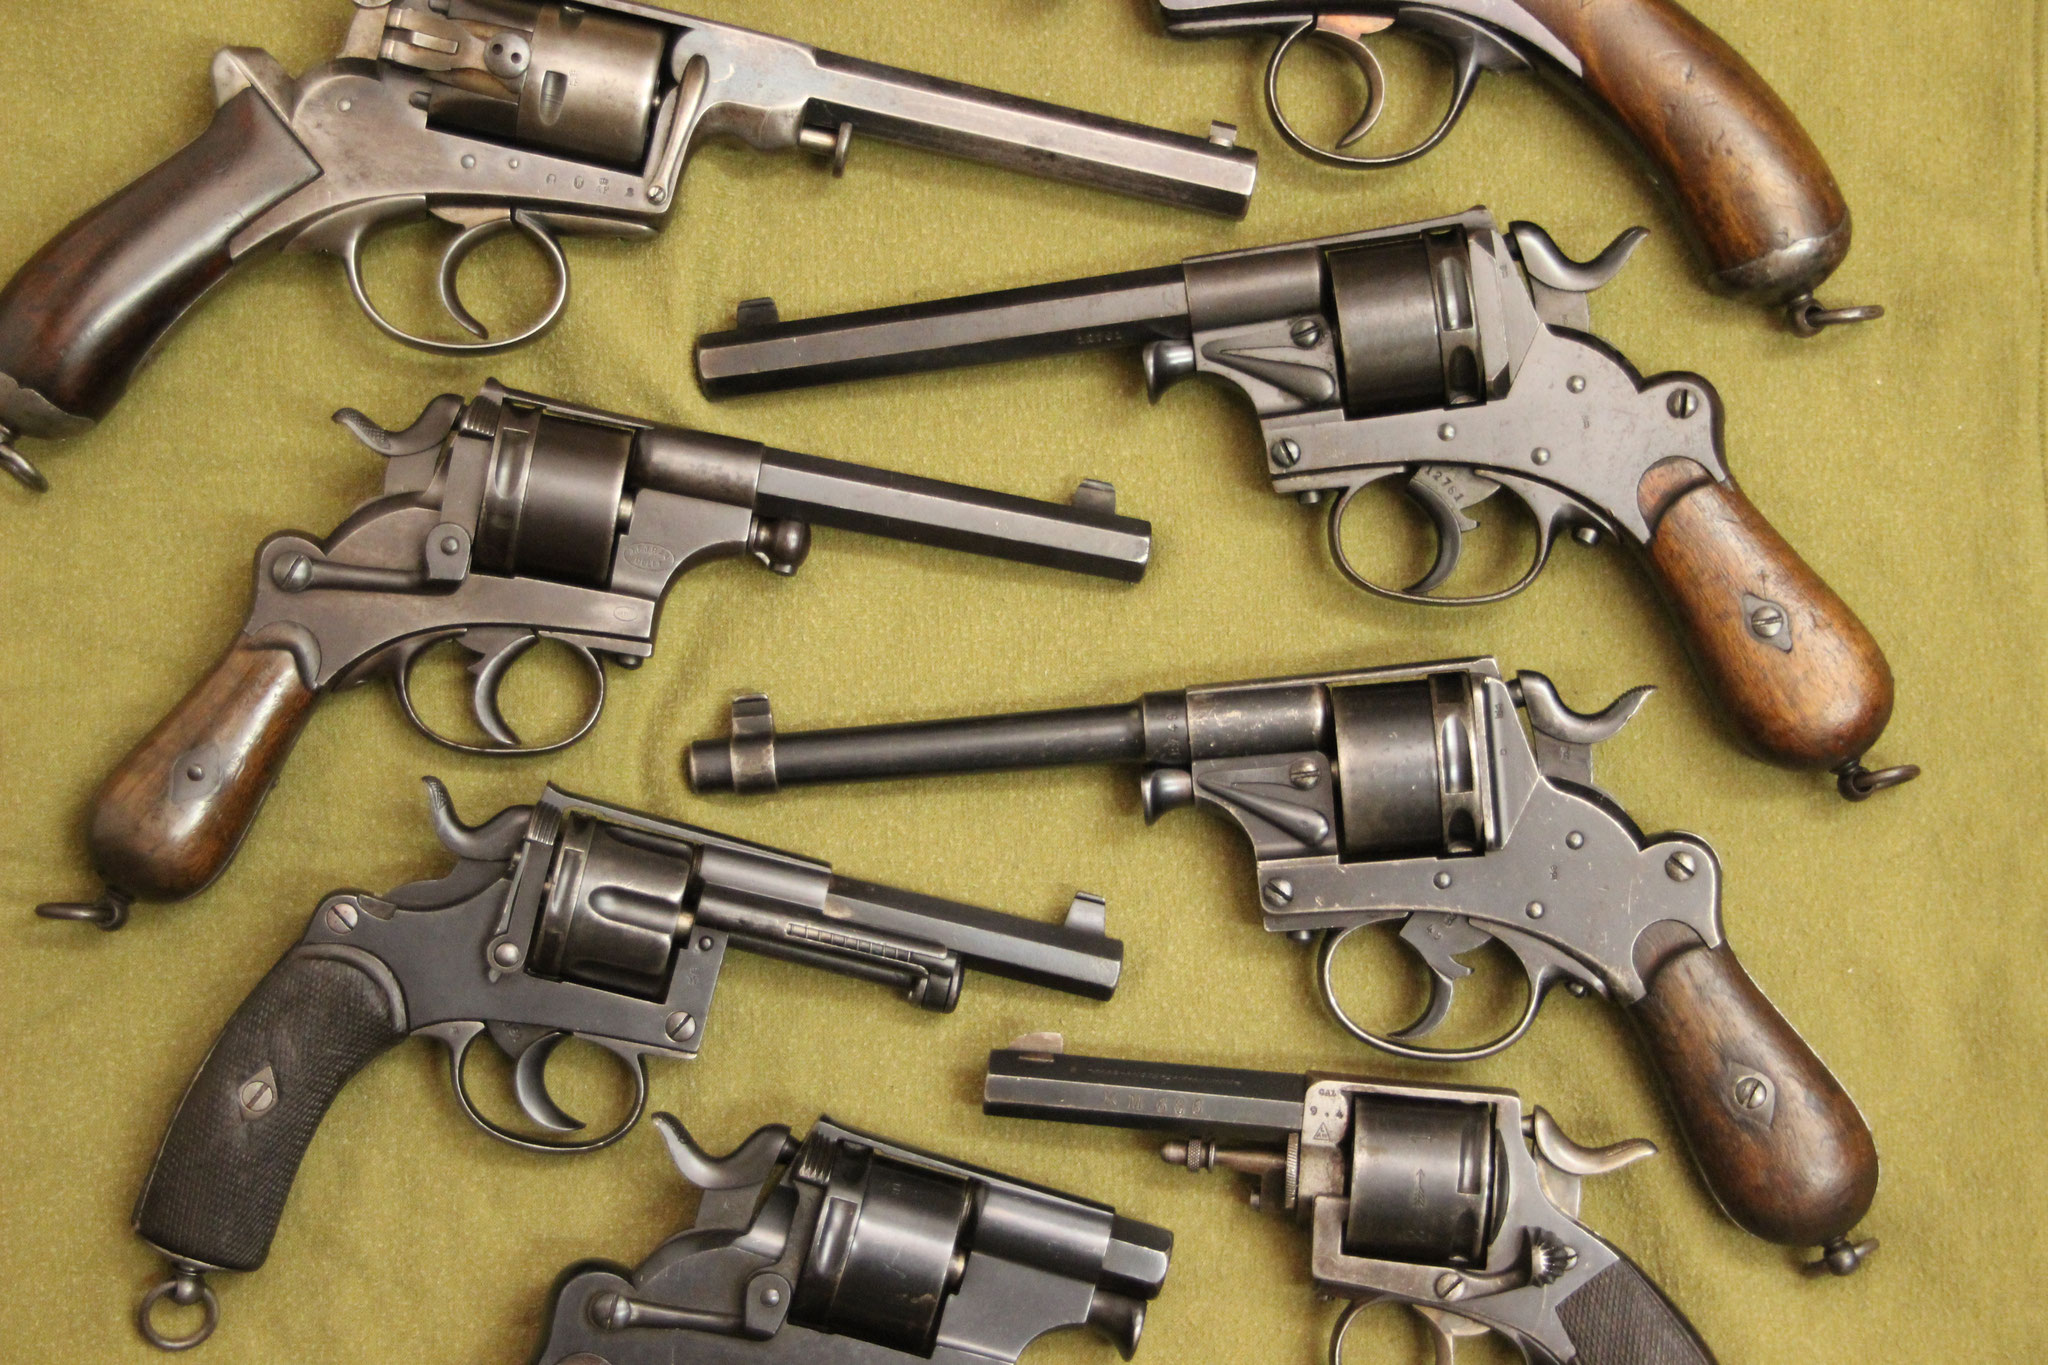 verschillende revolvers